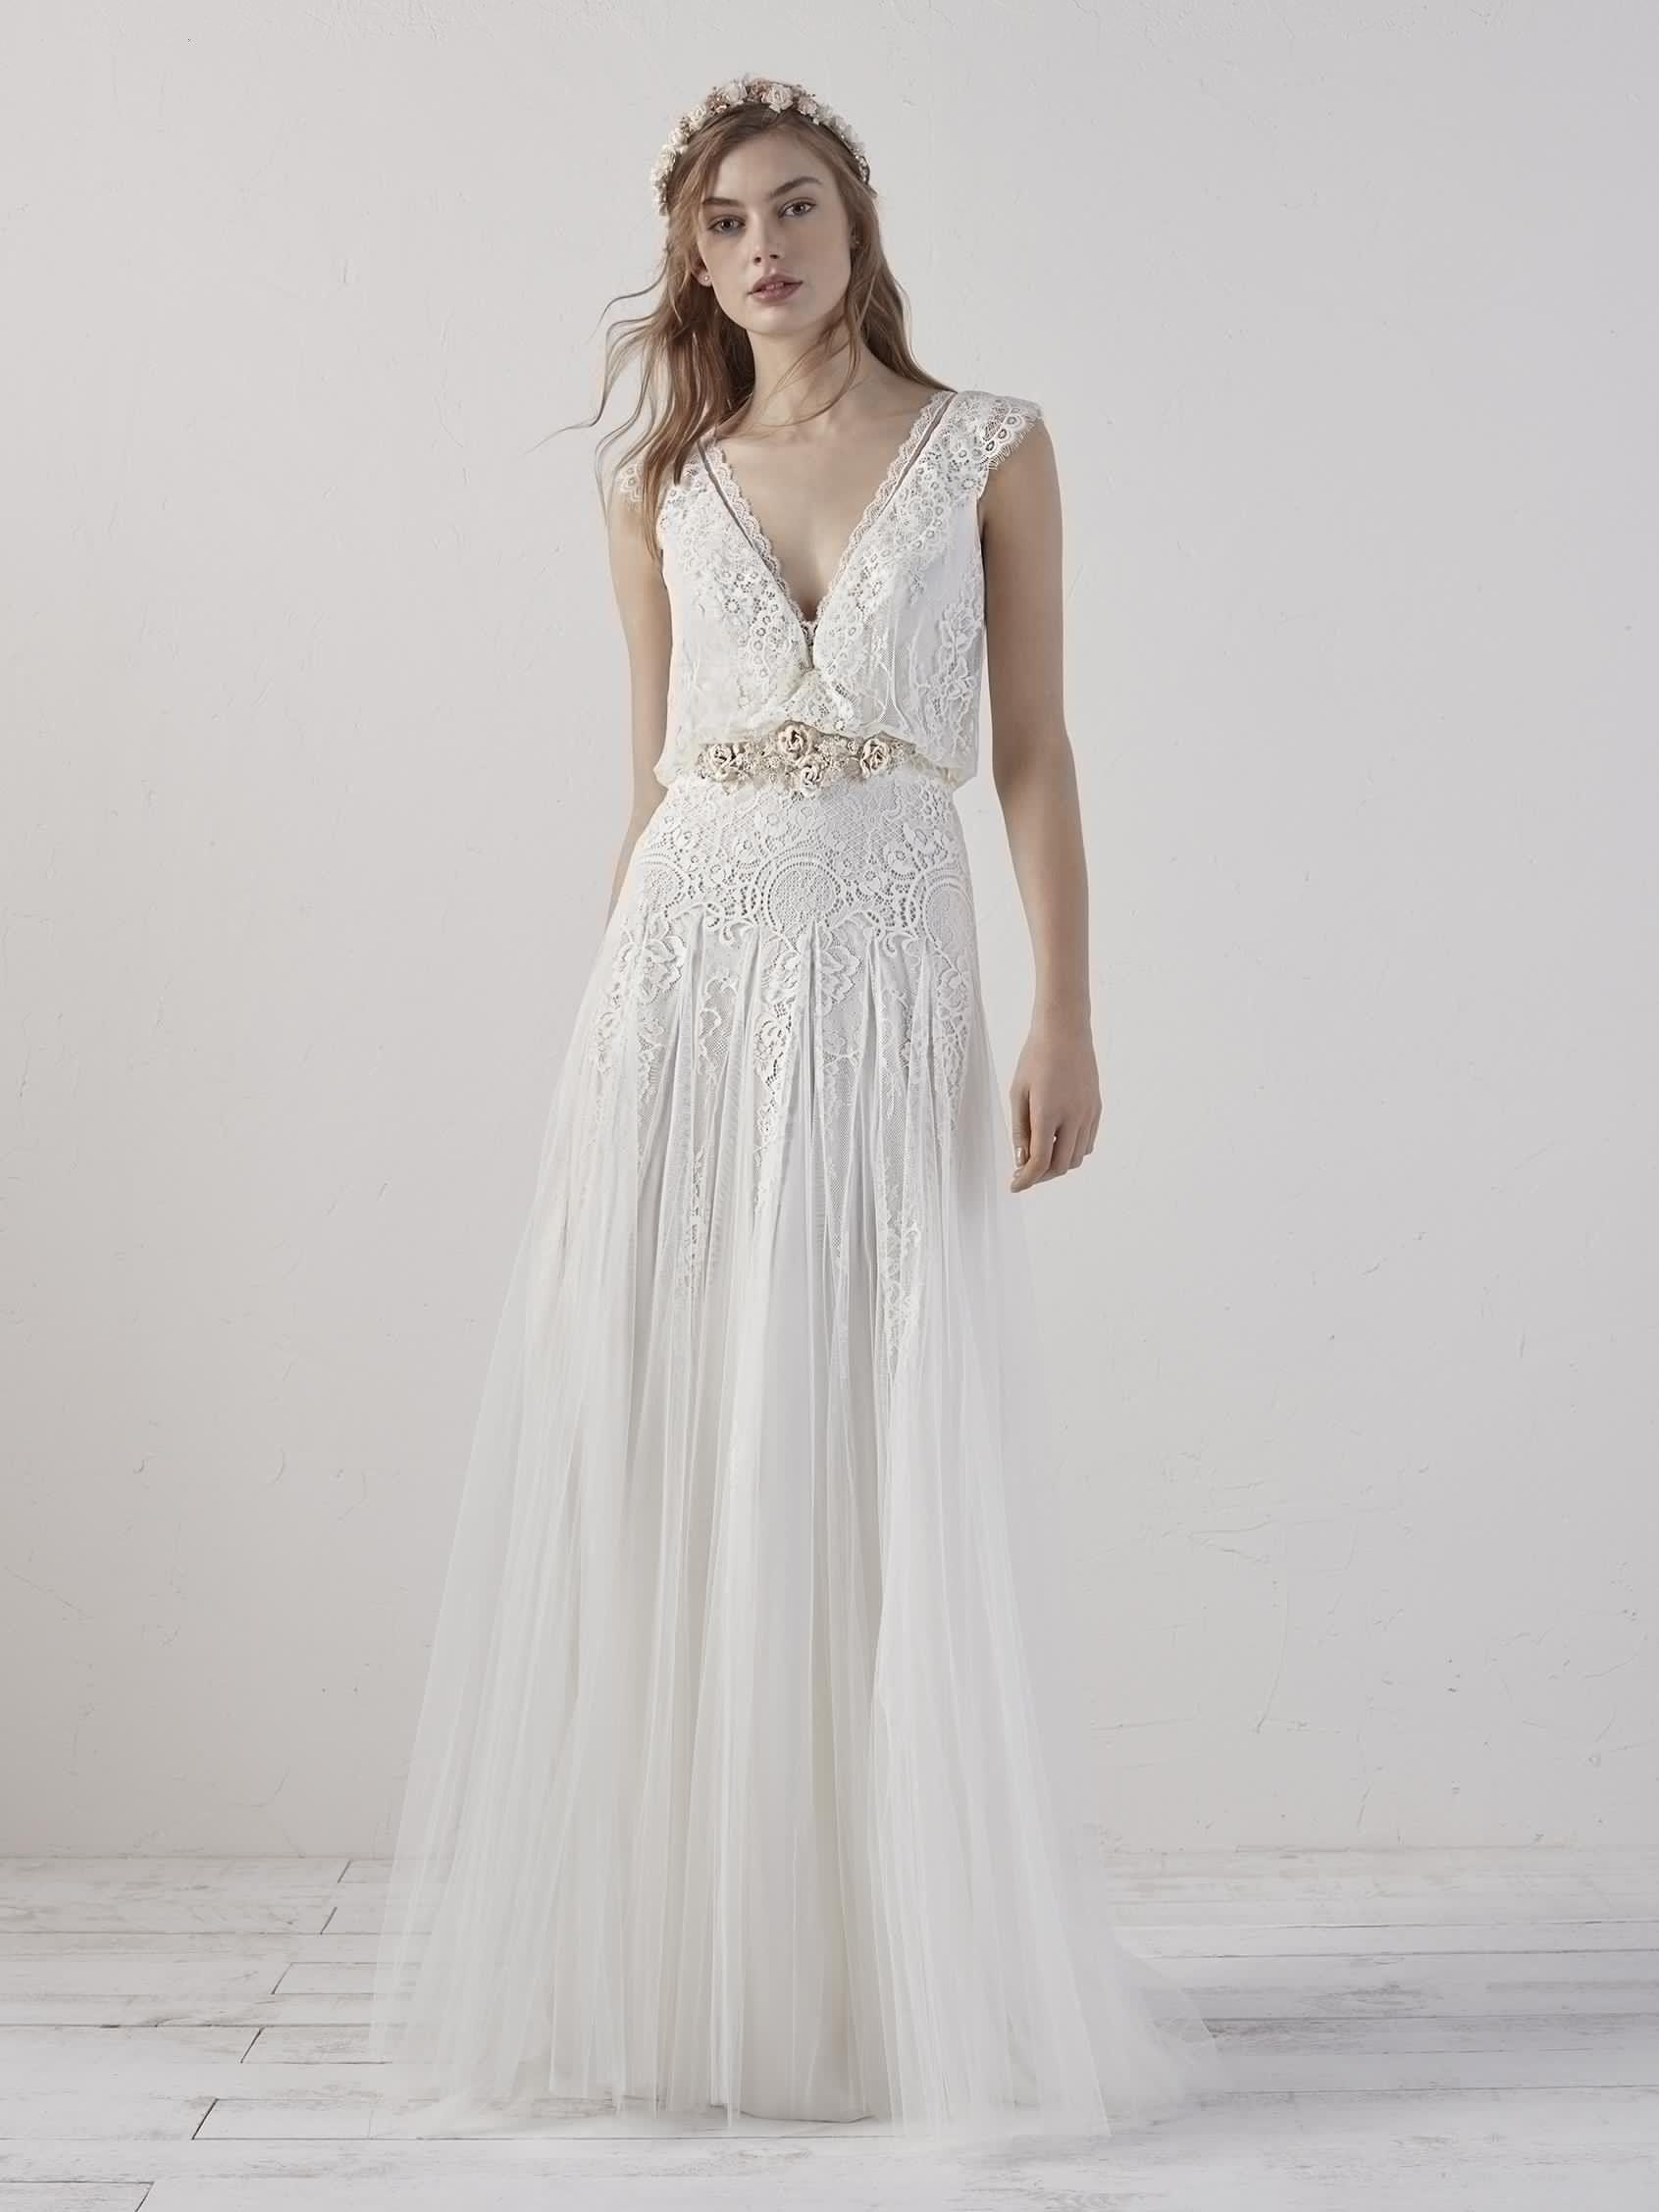 e241ef16b6 Pronovias: Eco in 2019 | Wedding dresses | Pronovias wedding dress ...